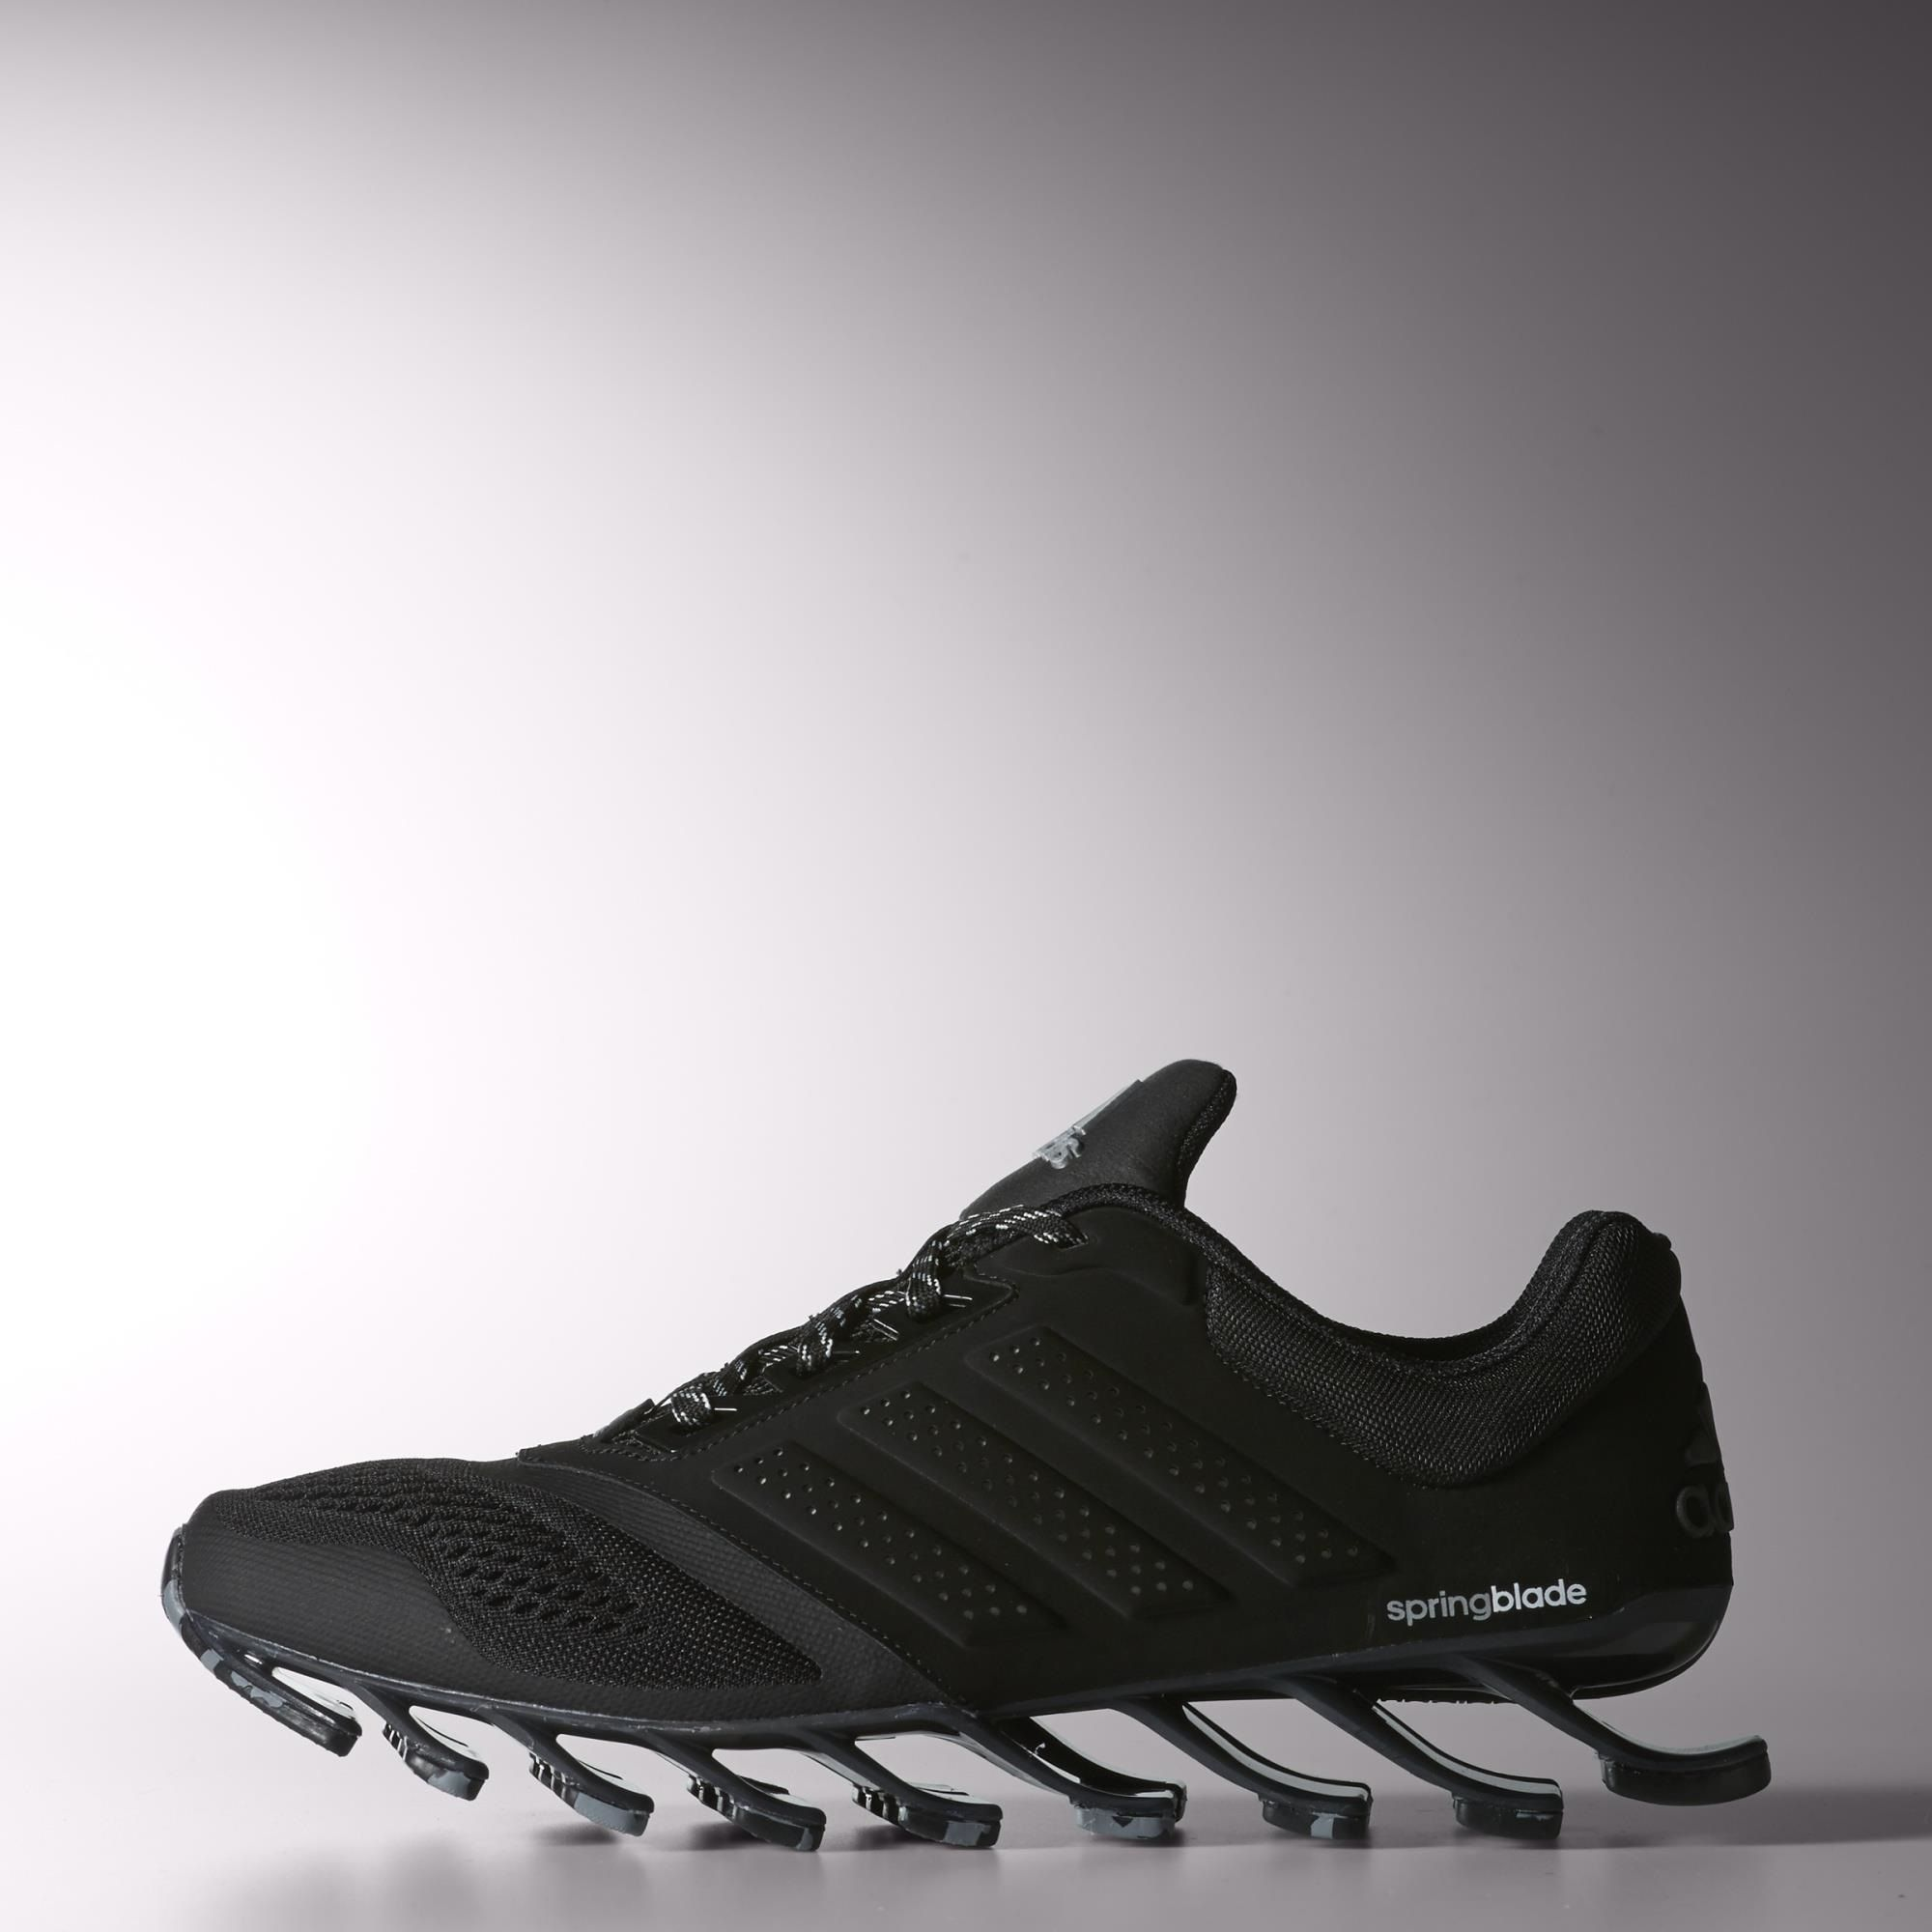 Adidas Springblade II Lauf Damen Schuhe rot und schwarz